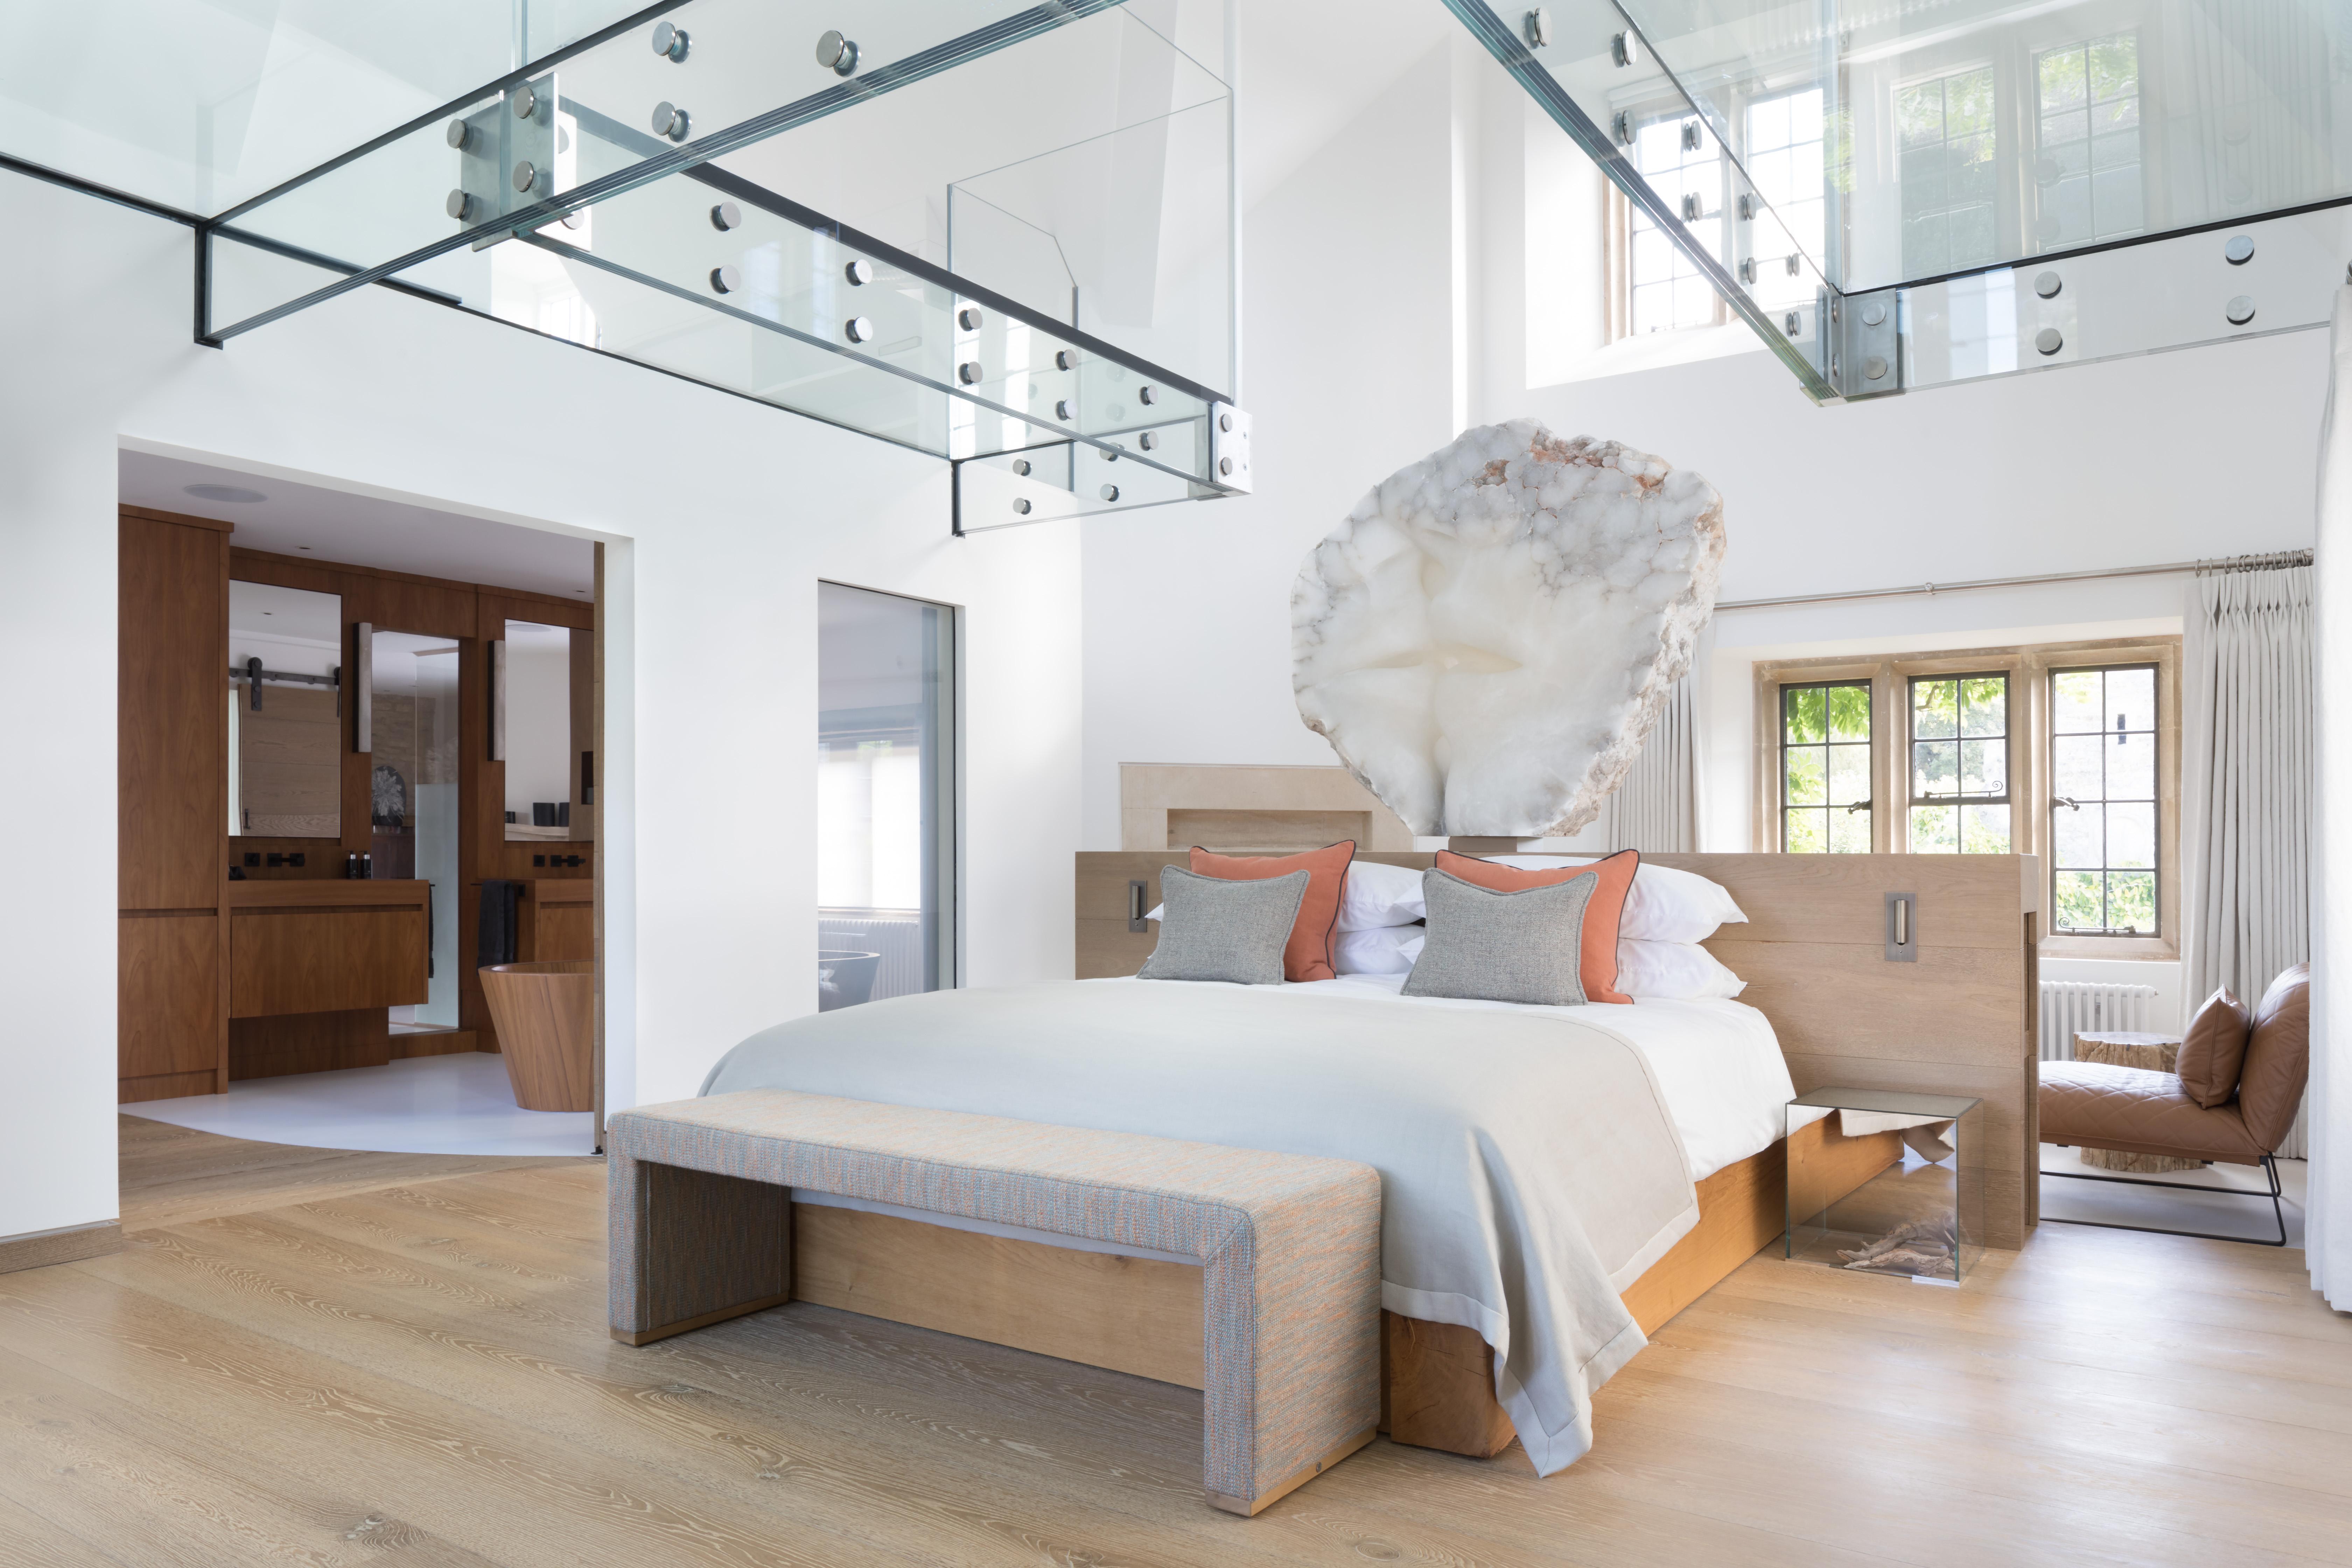 Cotswold Manor Bedroom & Bathroom | International Design ...